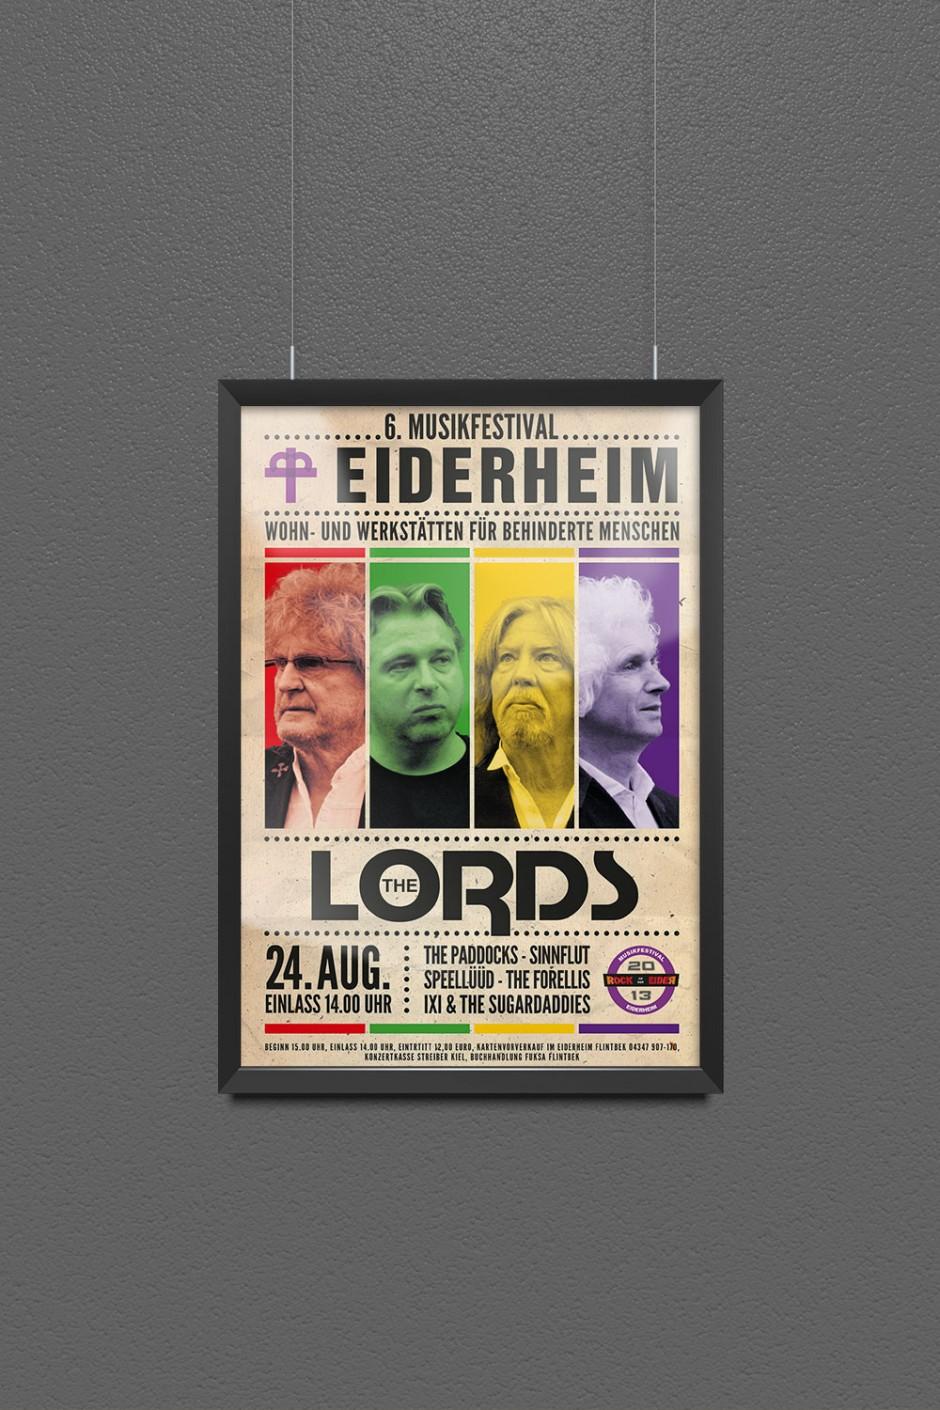 Landesverein für Innere Mission Schleswig-Holstein   Eiderheim 6. Musikfestival Poster 2